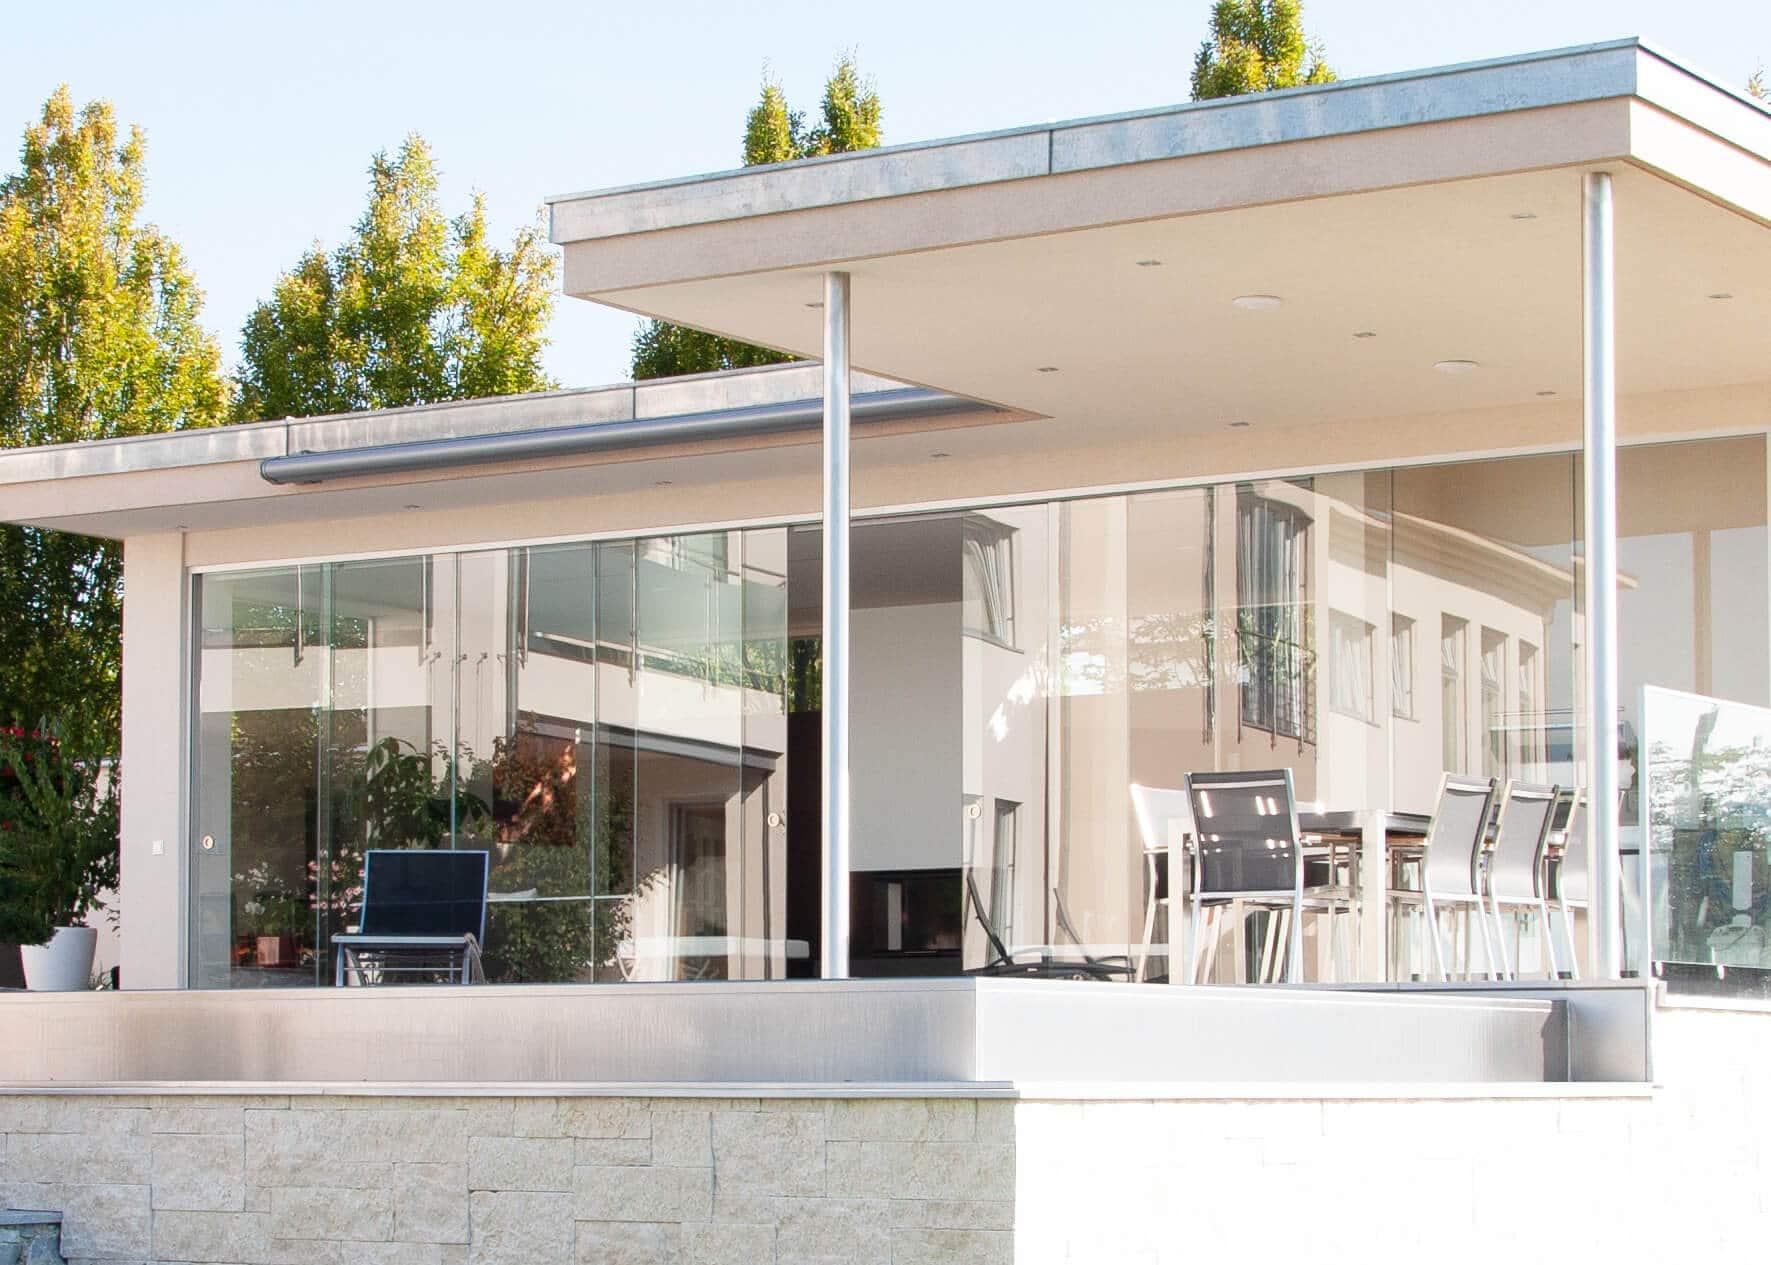 Gartenhaus modern Kubus mit Glasschiebeelementen